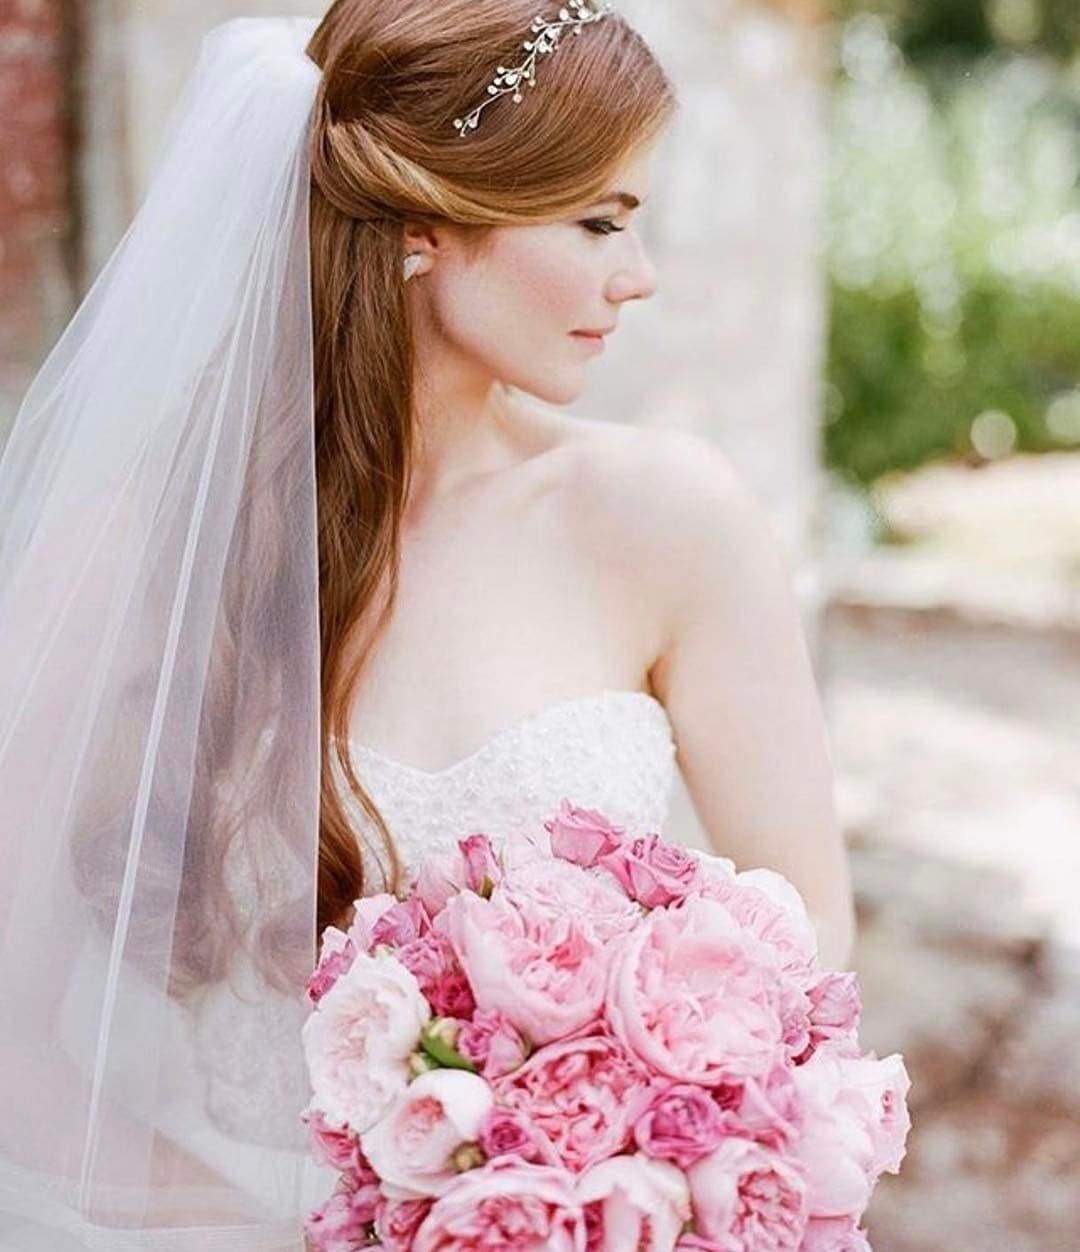 Persiapan Pernikahan : Tips Untuk Pengantin Wanita Menjelang Hari Pernikahan